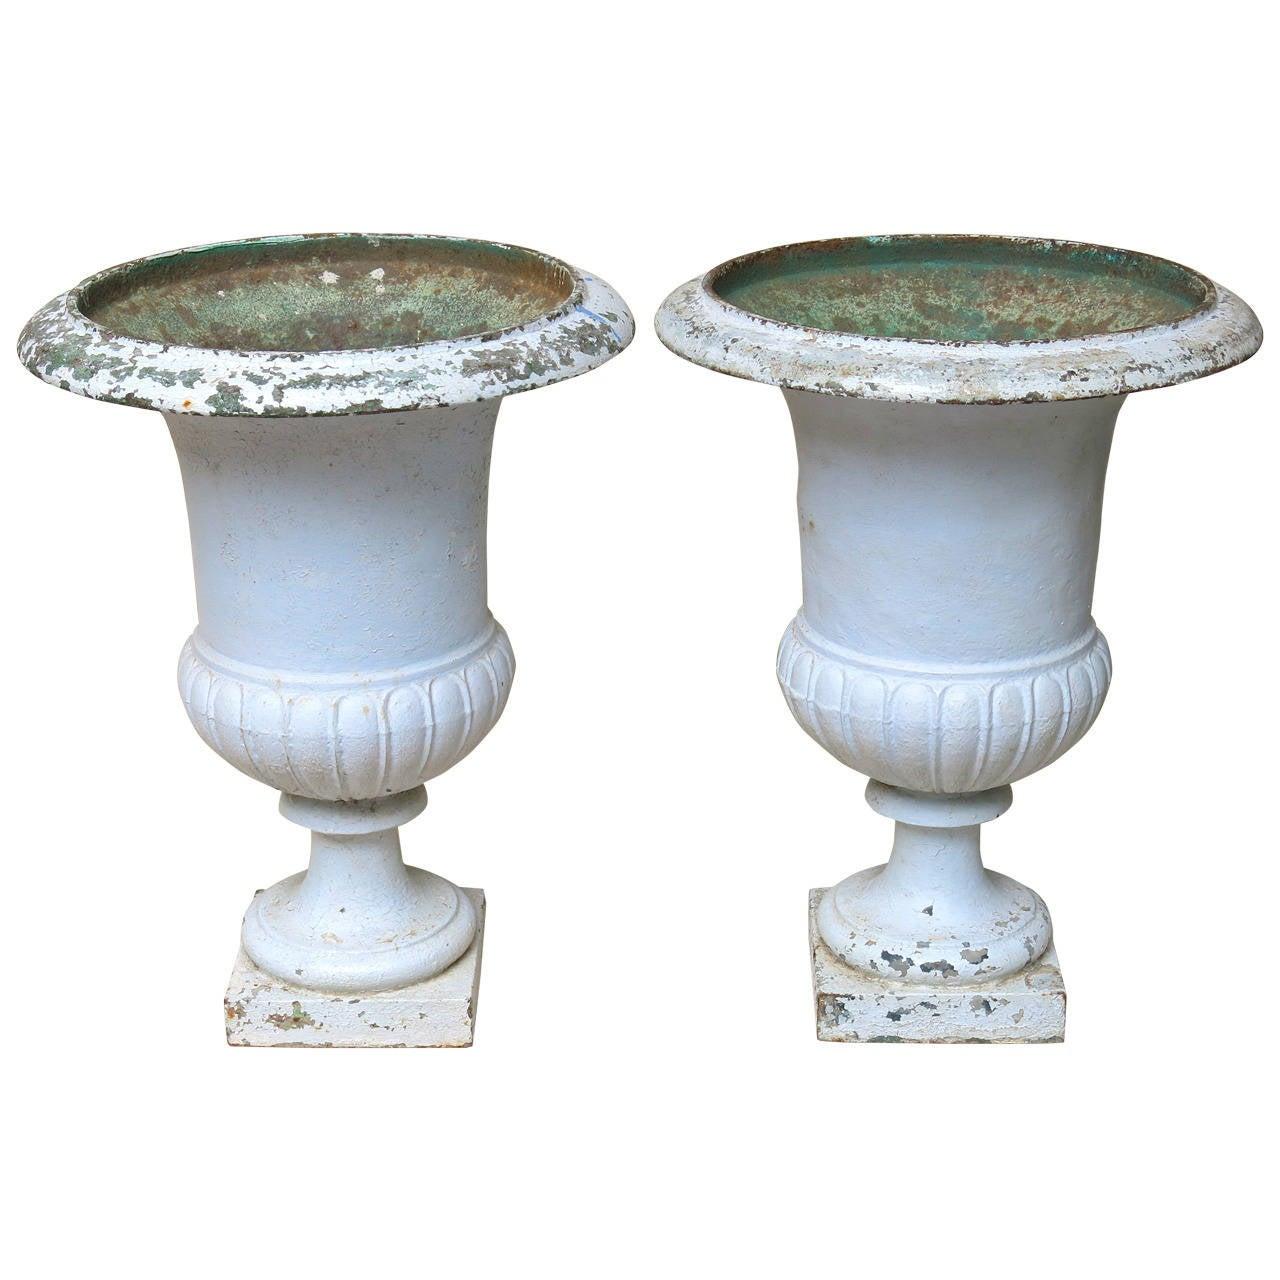 Pair of 18th Century Cast Iron Medici Urns